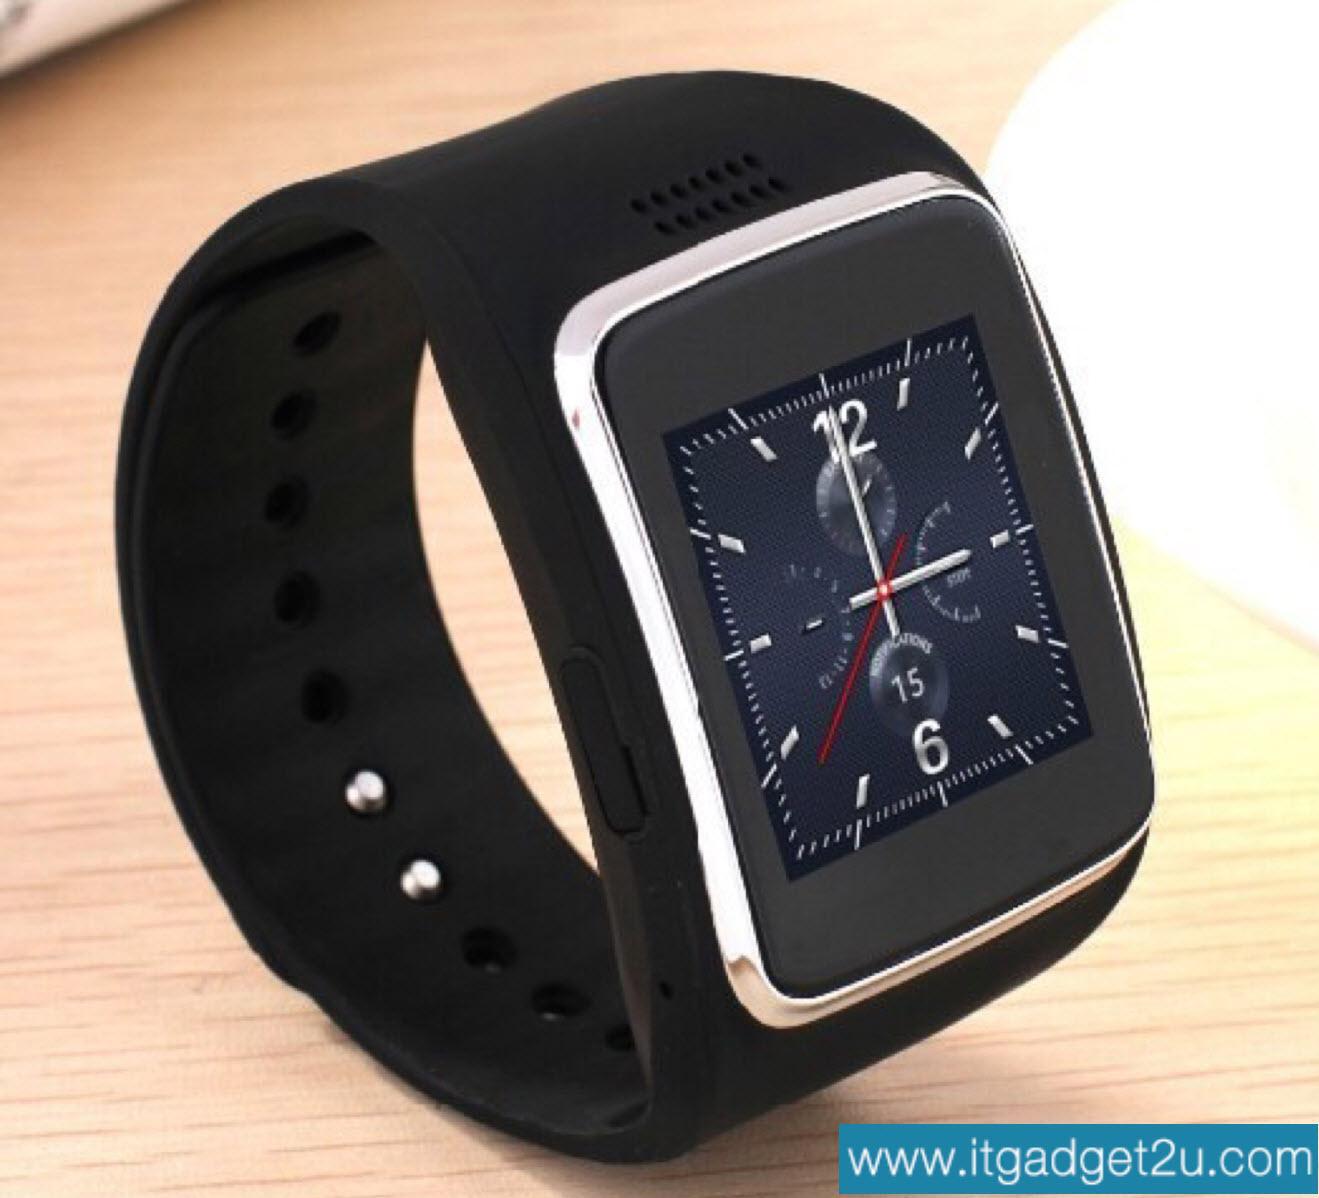 นาฬิกาโทรศัพท์ Smartwatch รุ่น Ai Watch Phone สีดำ ลดเหลือ 1,950 บาท ปกติราคา 3,450